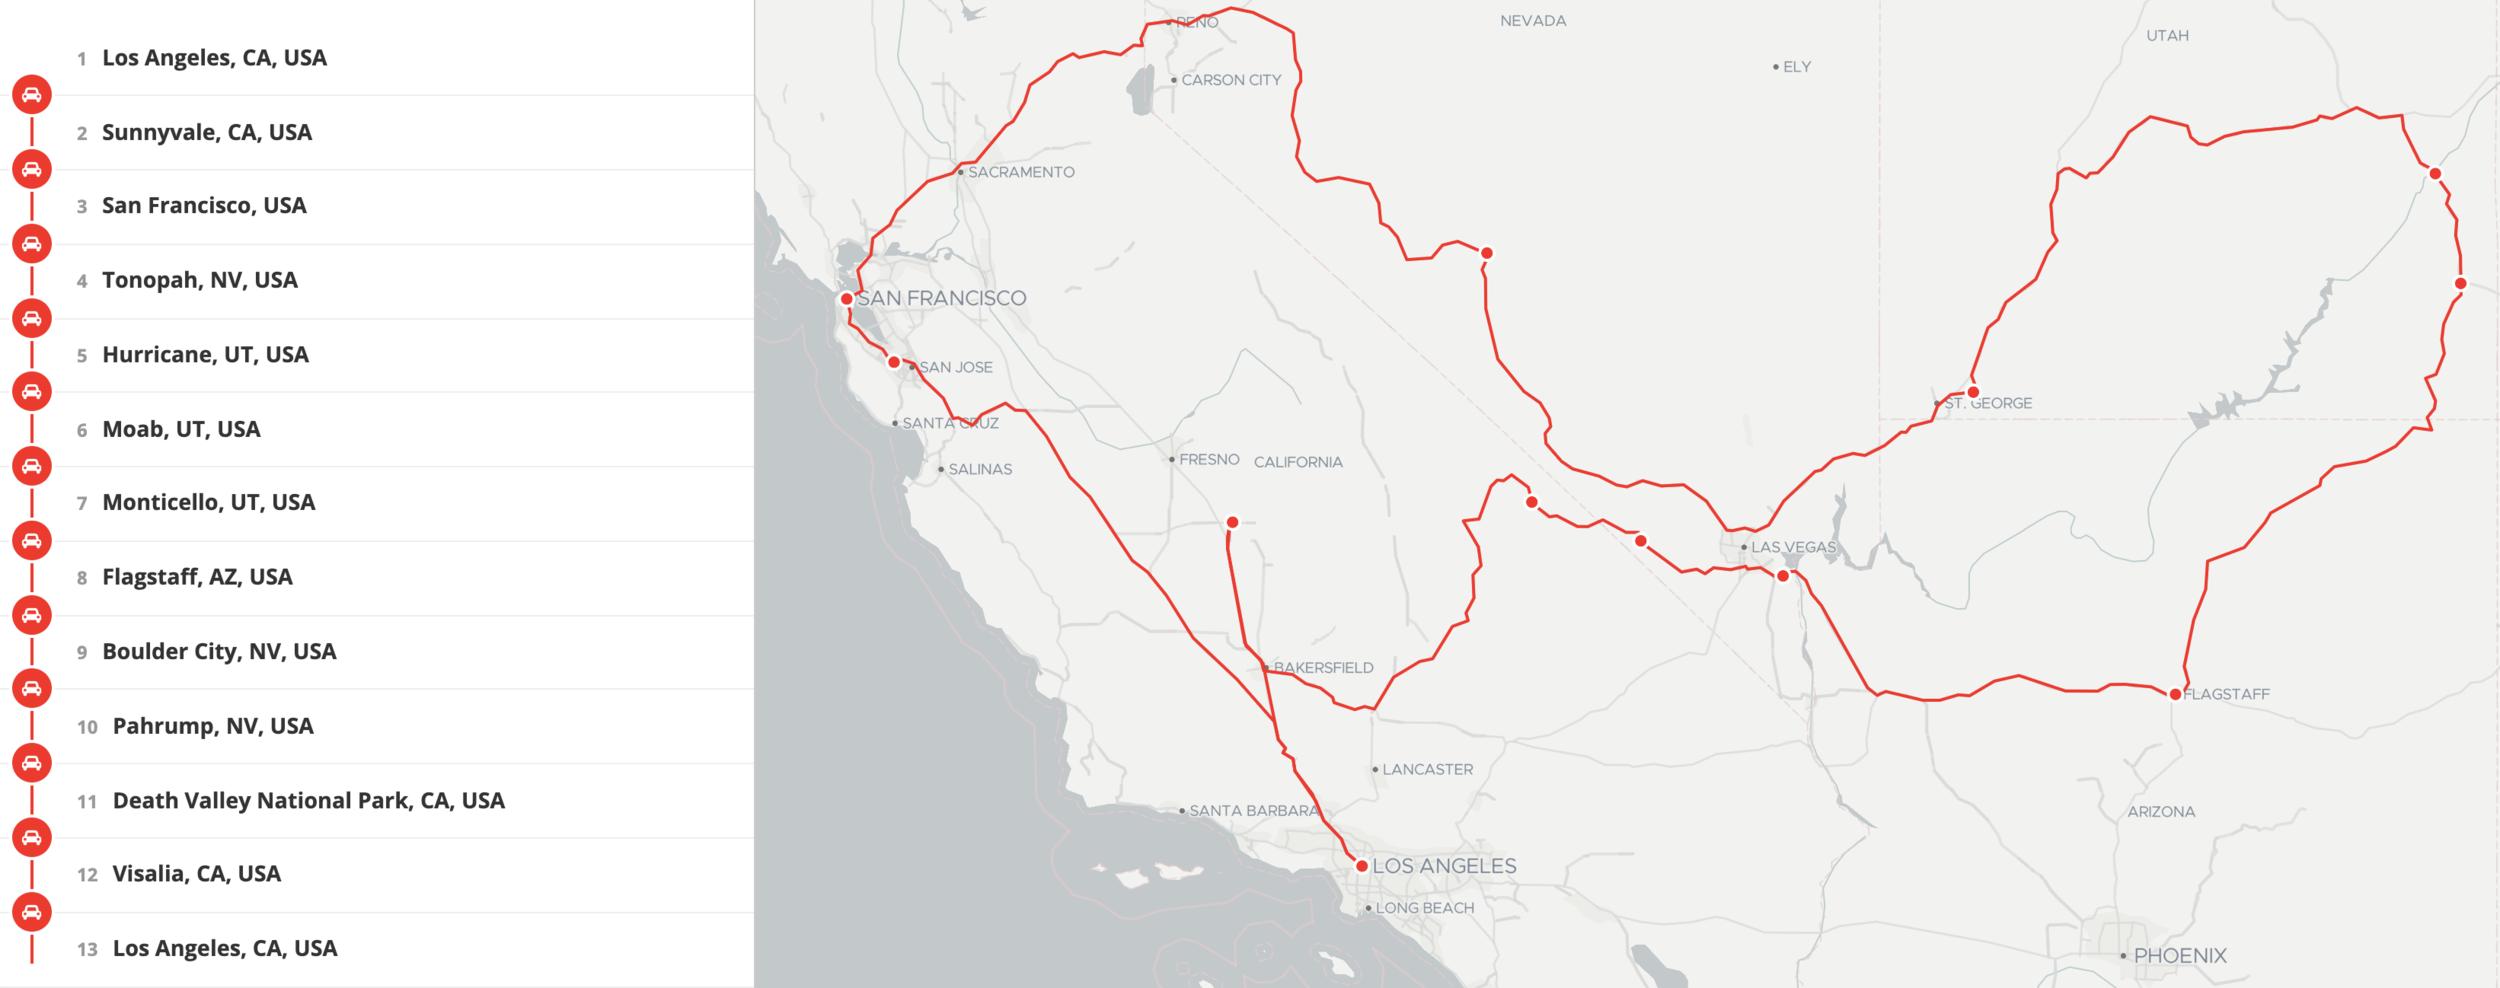 Dans les grandes lignes itinéraire de notre road trip de 15 jours sur la côte Ouest des USA